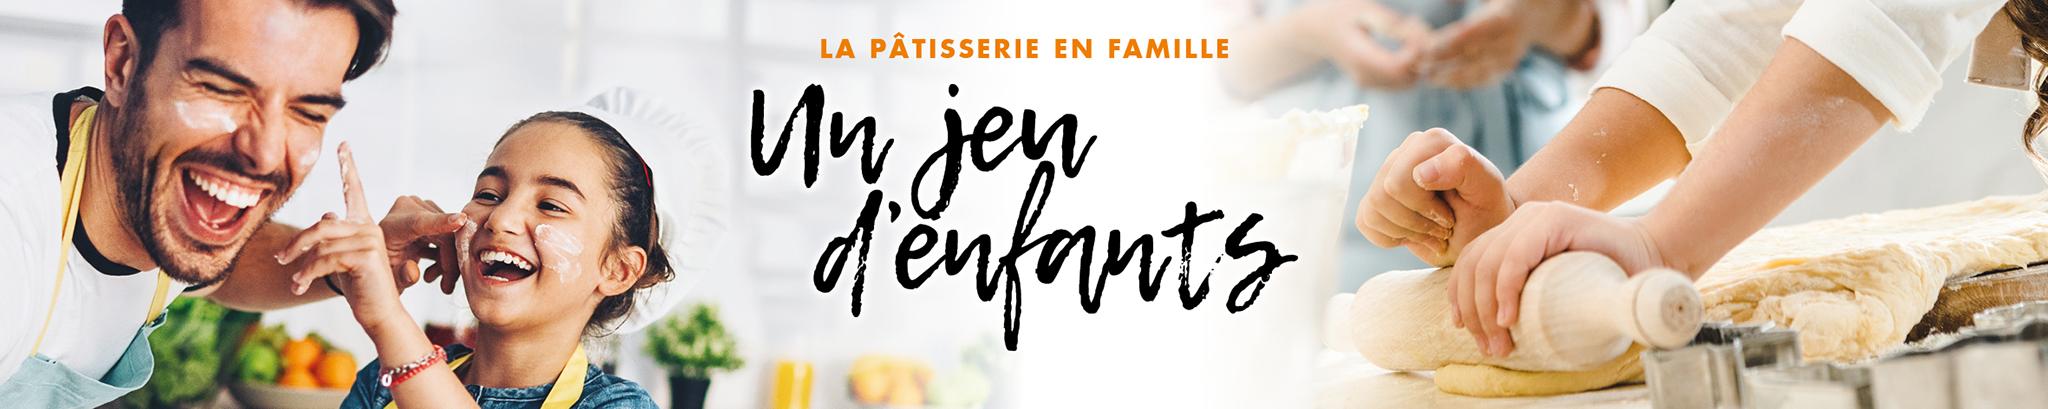 La Pâtisserie en Famille : un jeu d'enfants